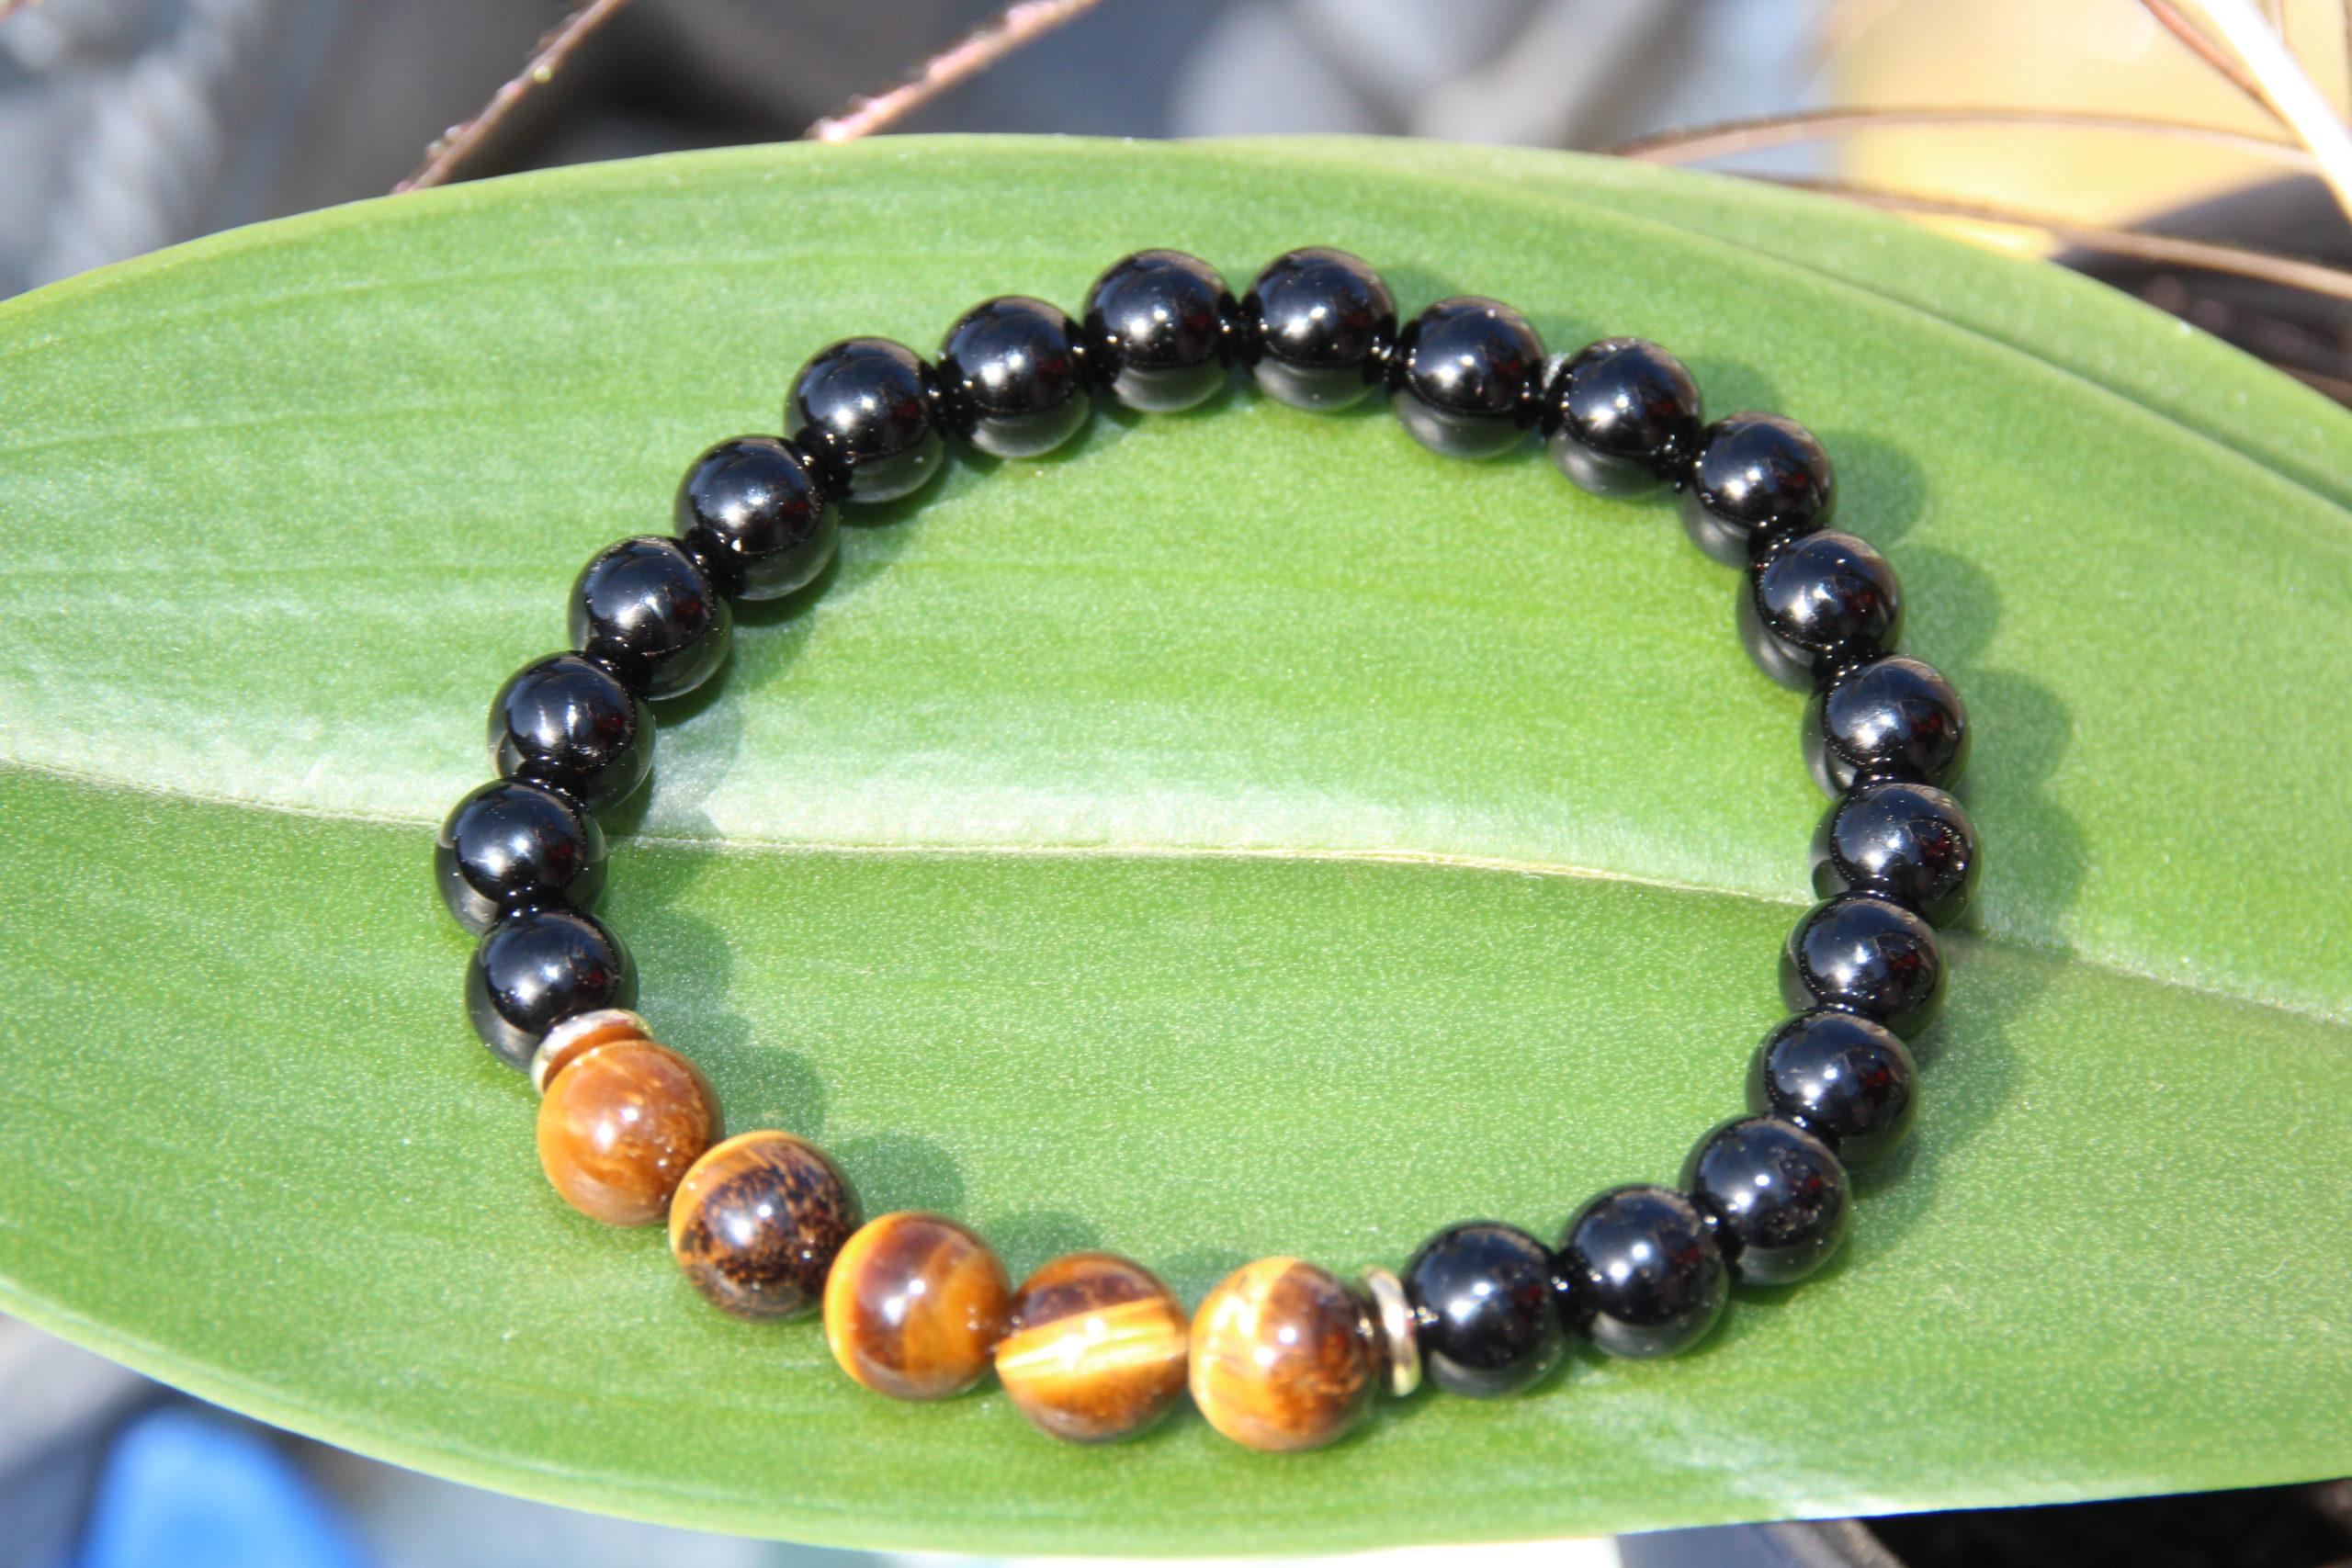 bracelet-pierre-naturelle-obsidienne-noire-oeil-de-tigre-par-shiva-esoterisme-fabrication-artisanale-top-qualite-belgique